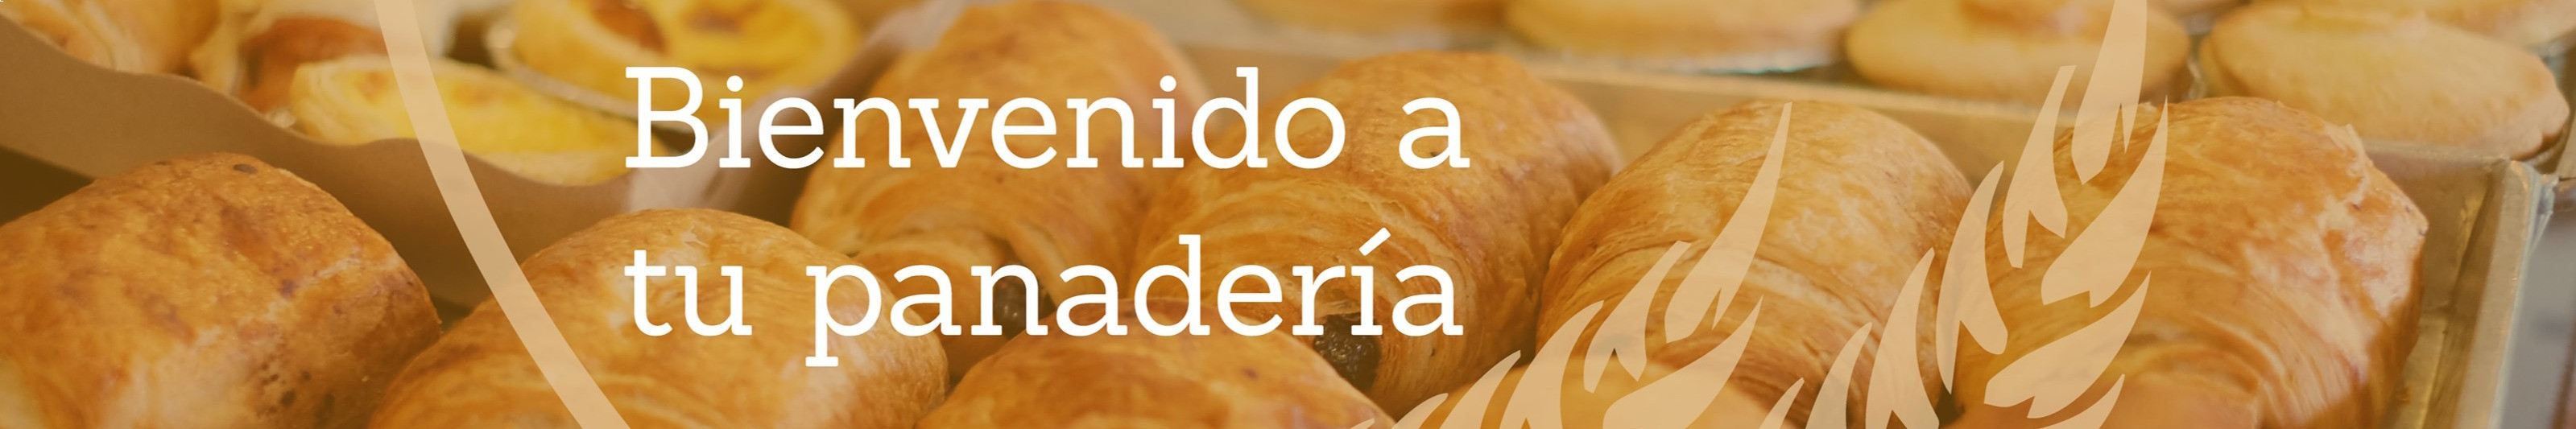 Pan elaborado a mano, cocido en horno de leña, repostería